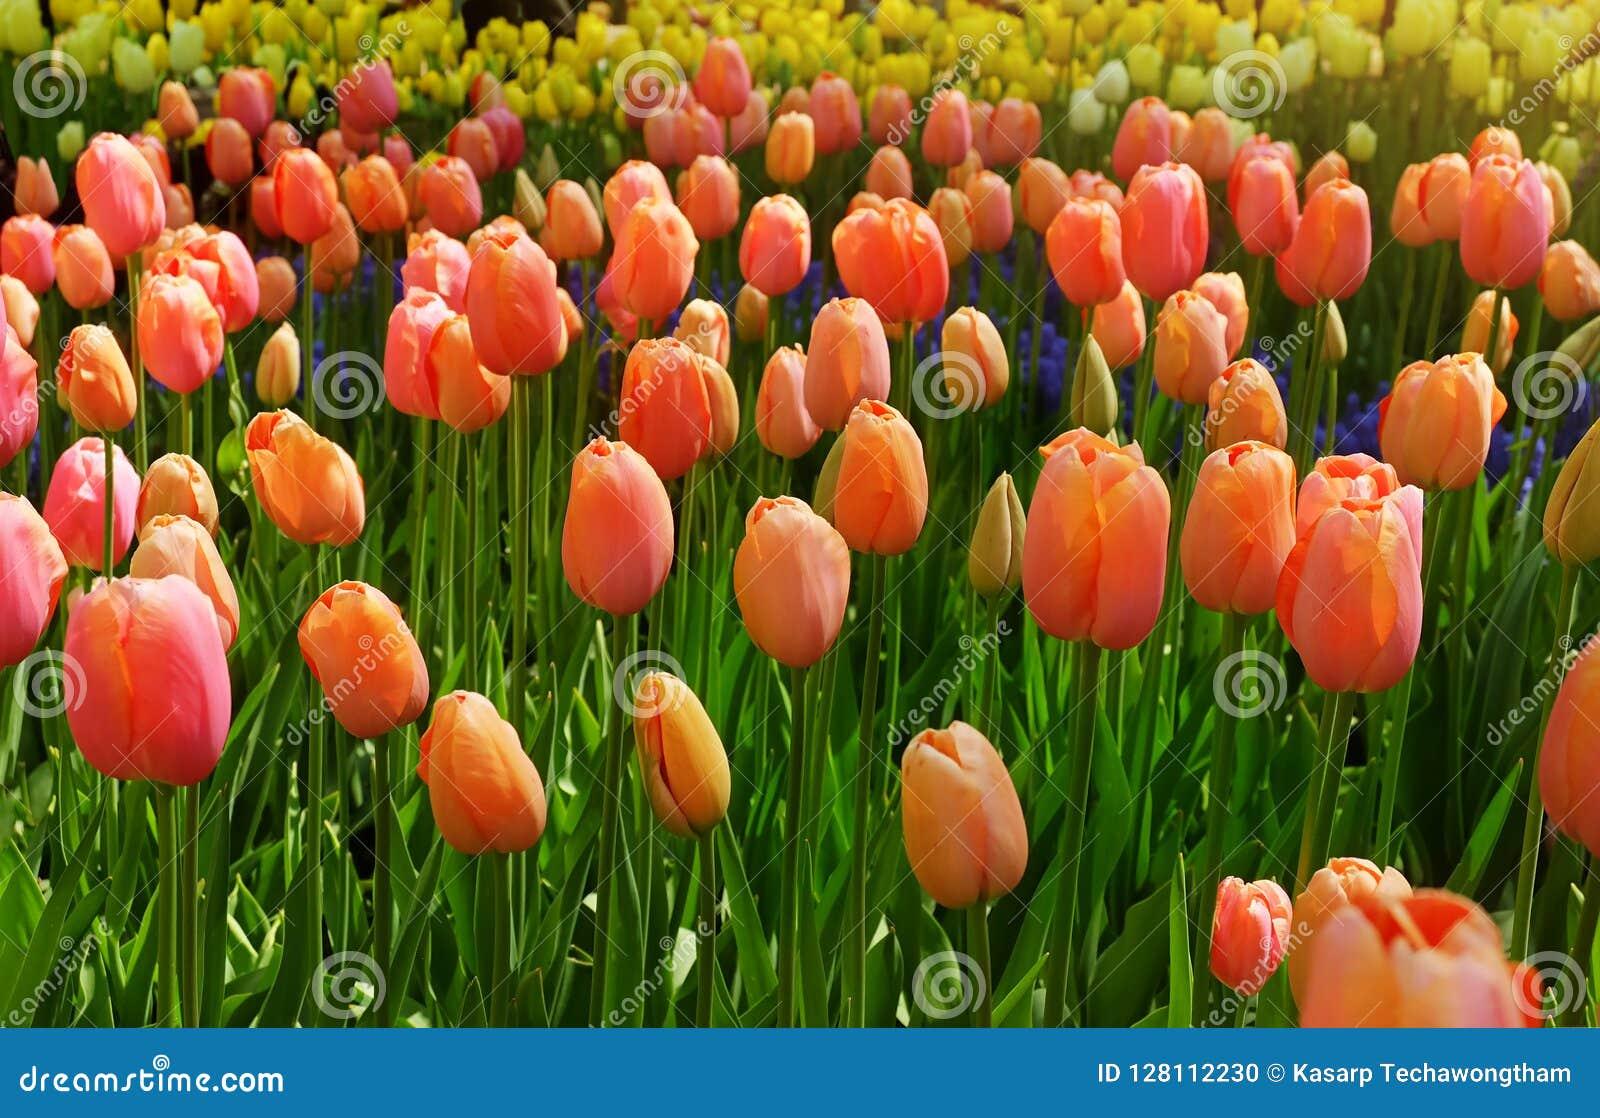 Los tulipanes rojos hermosos florecen en tulipanes colocan en los vagos de los jardines de los tulipanes